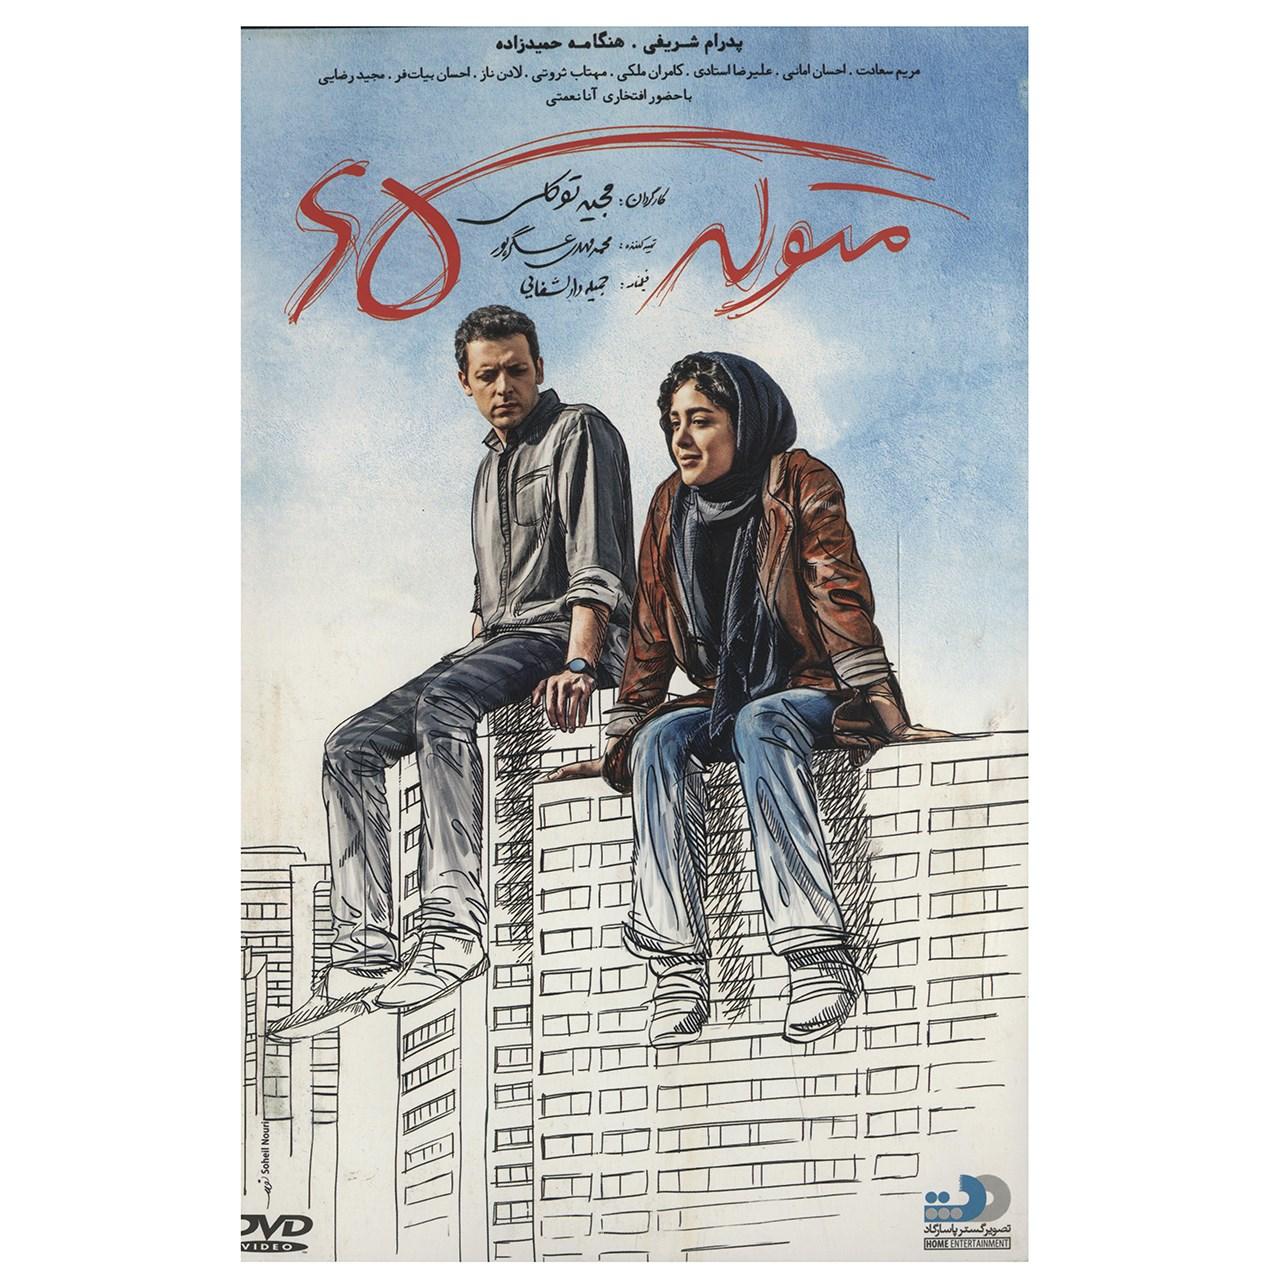 فیلم سینمایی متولد 65 اثر مجید توکلی